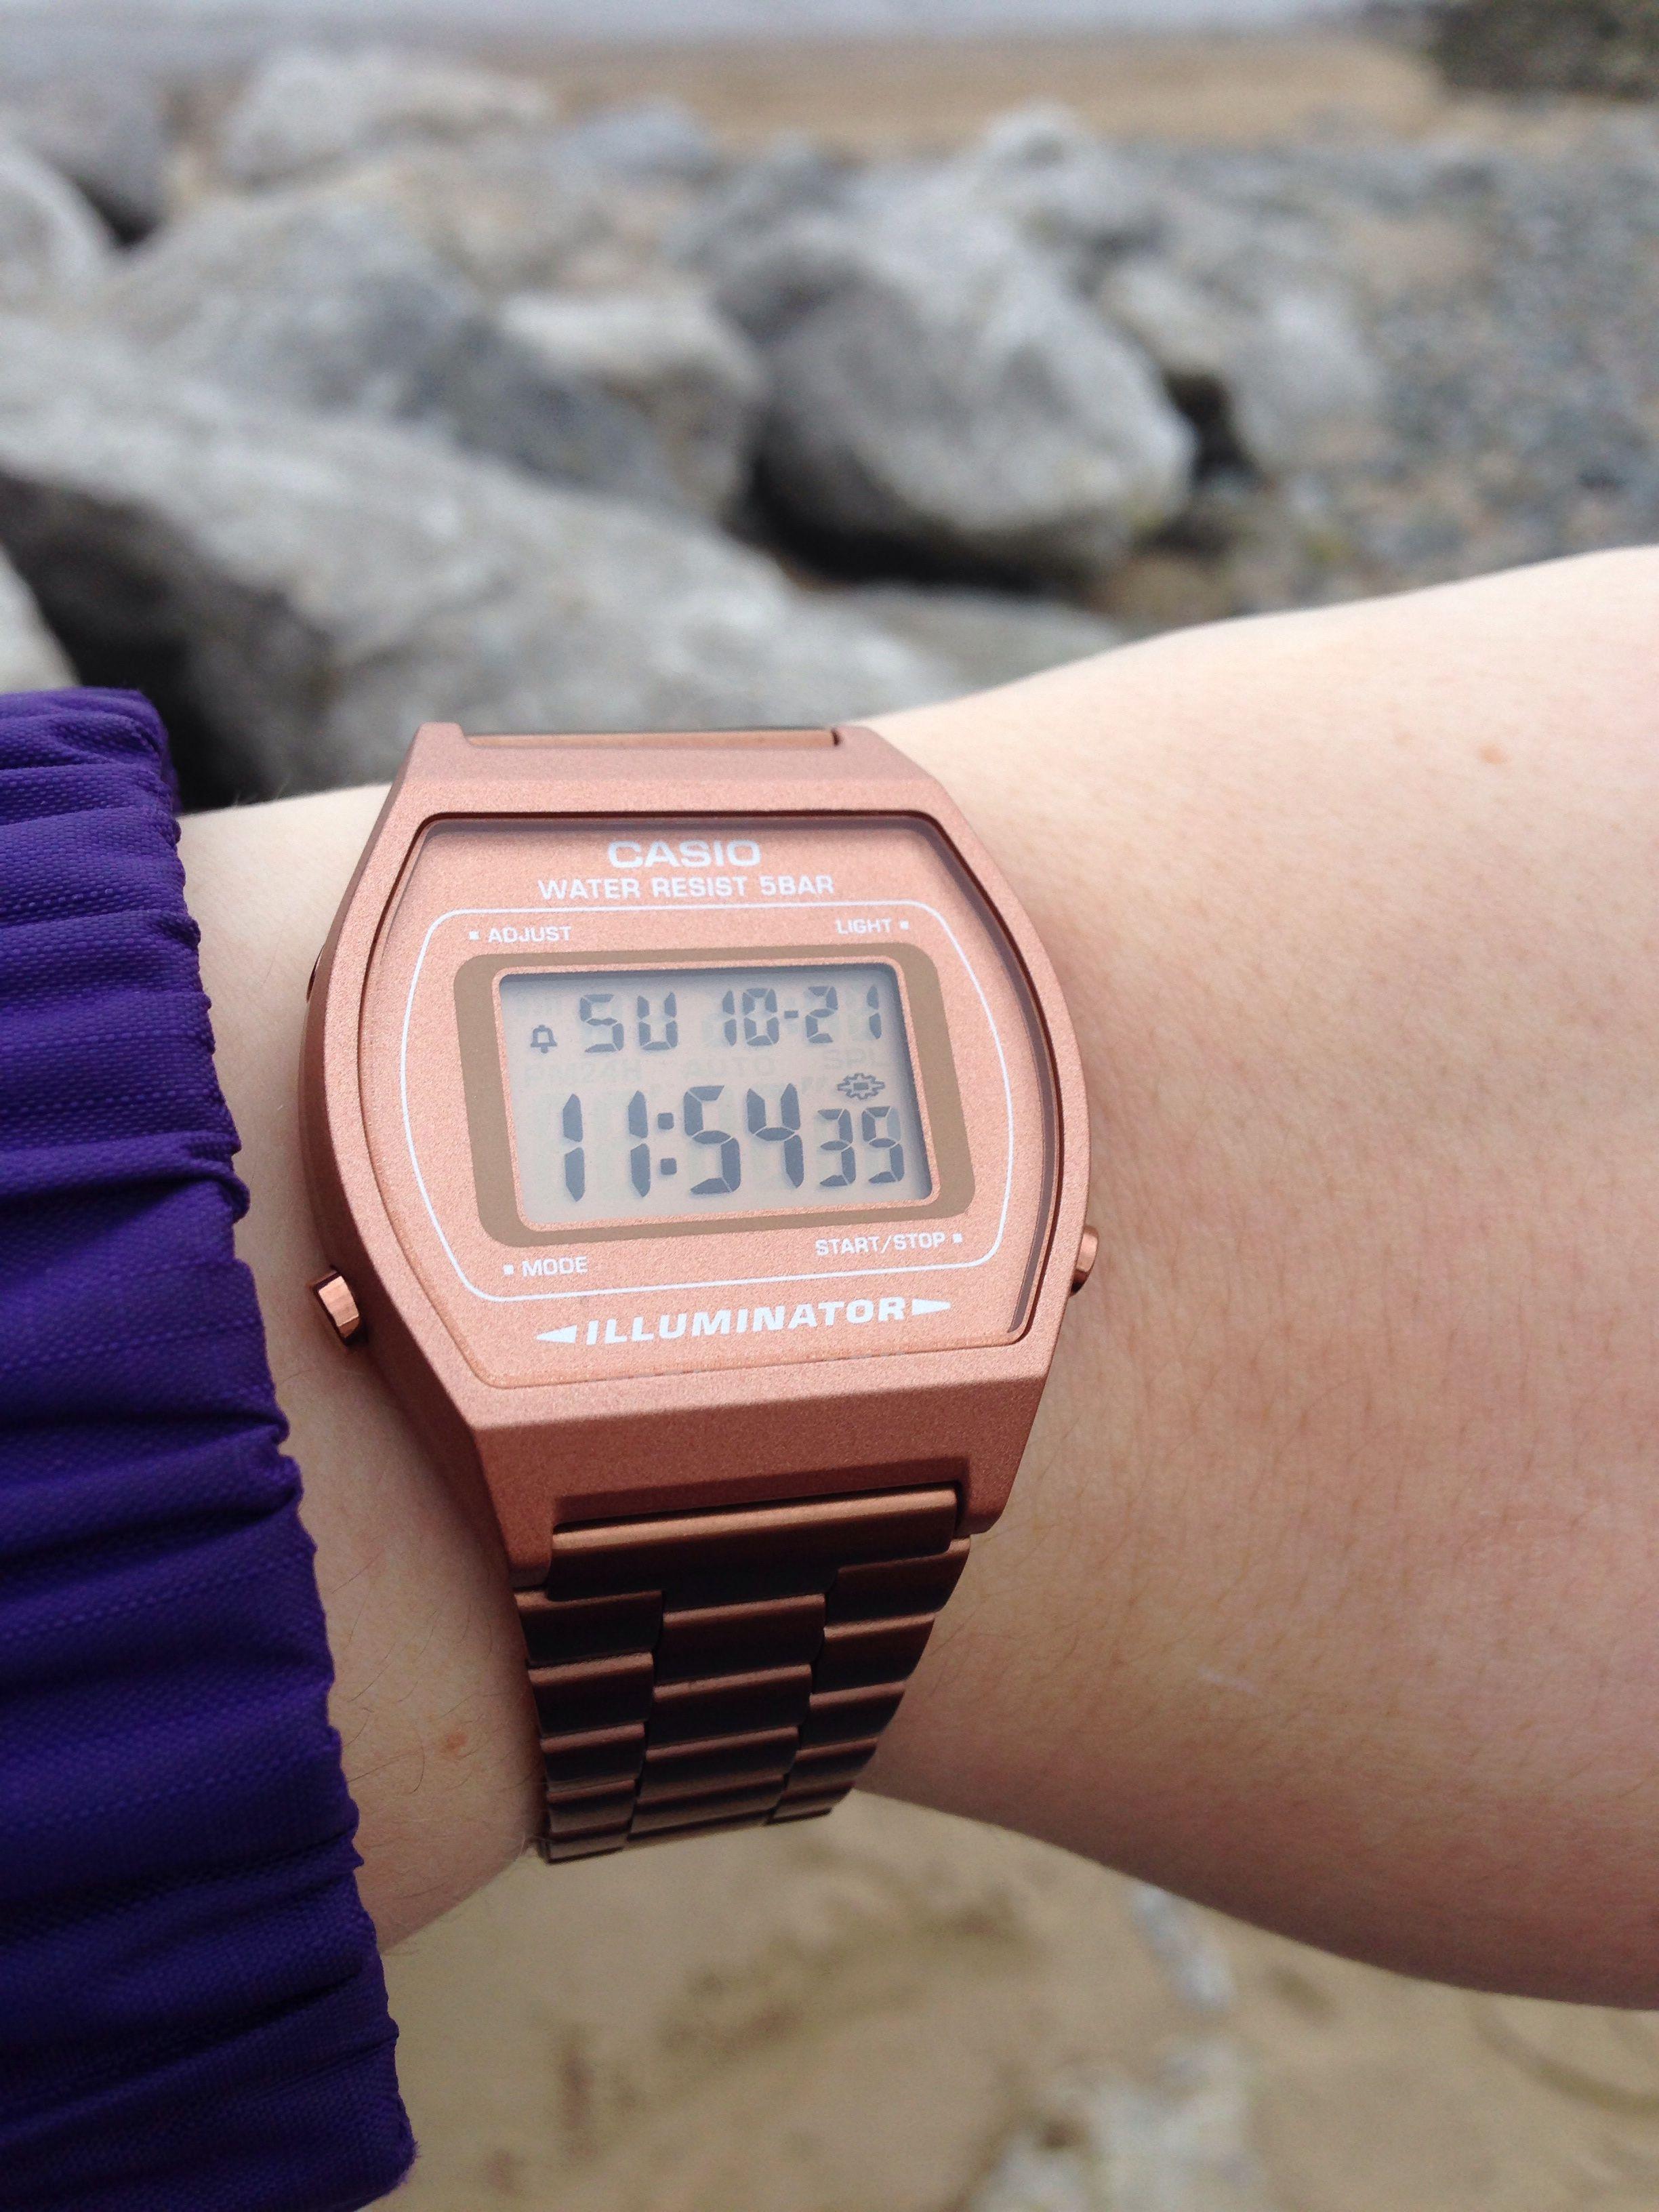 Montre Casio Couleur Or dedans ladies casio classic alarm chronograph watch b640wc-5aef